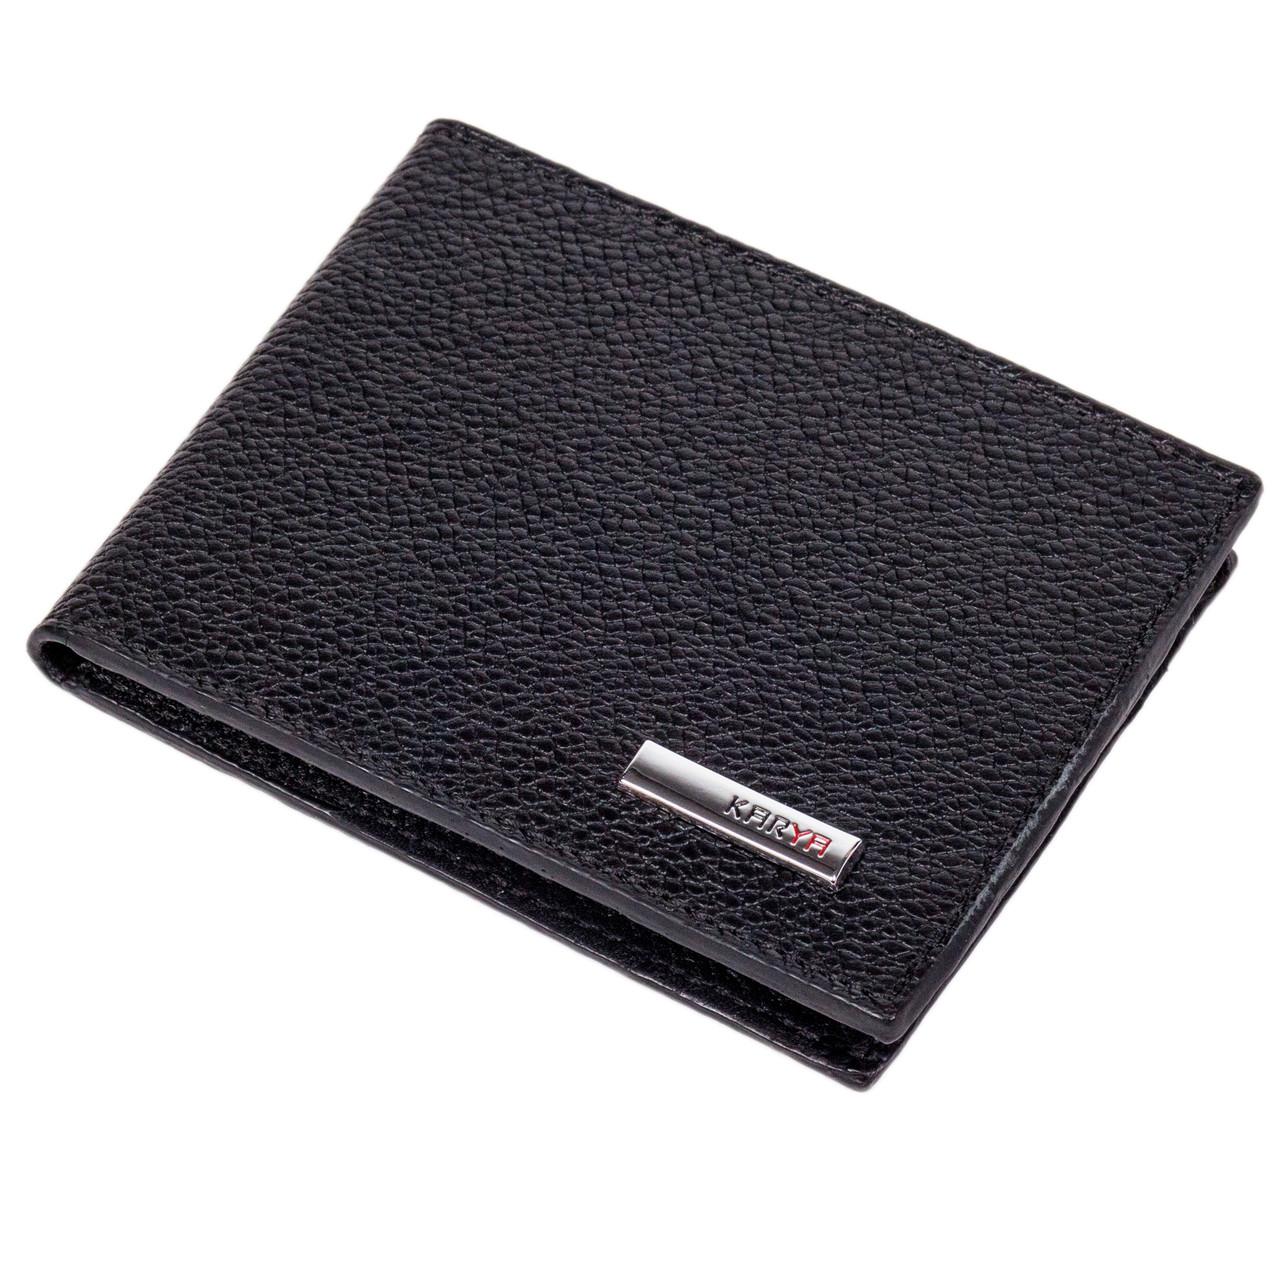 Зажим на магнитах Karya 0903-45 кожаный черный